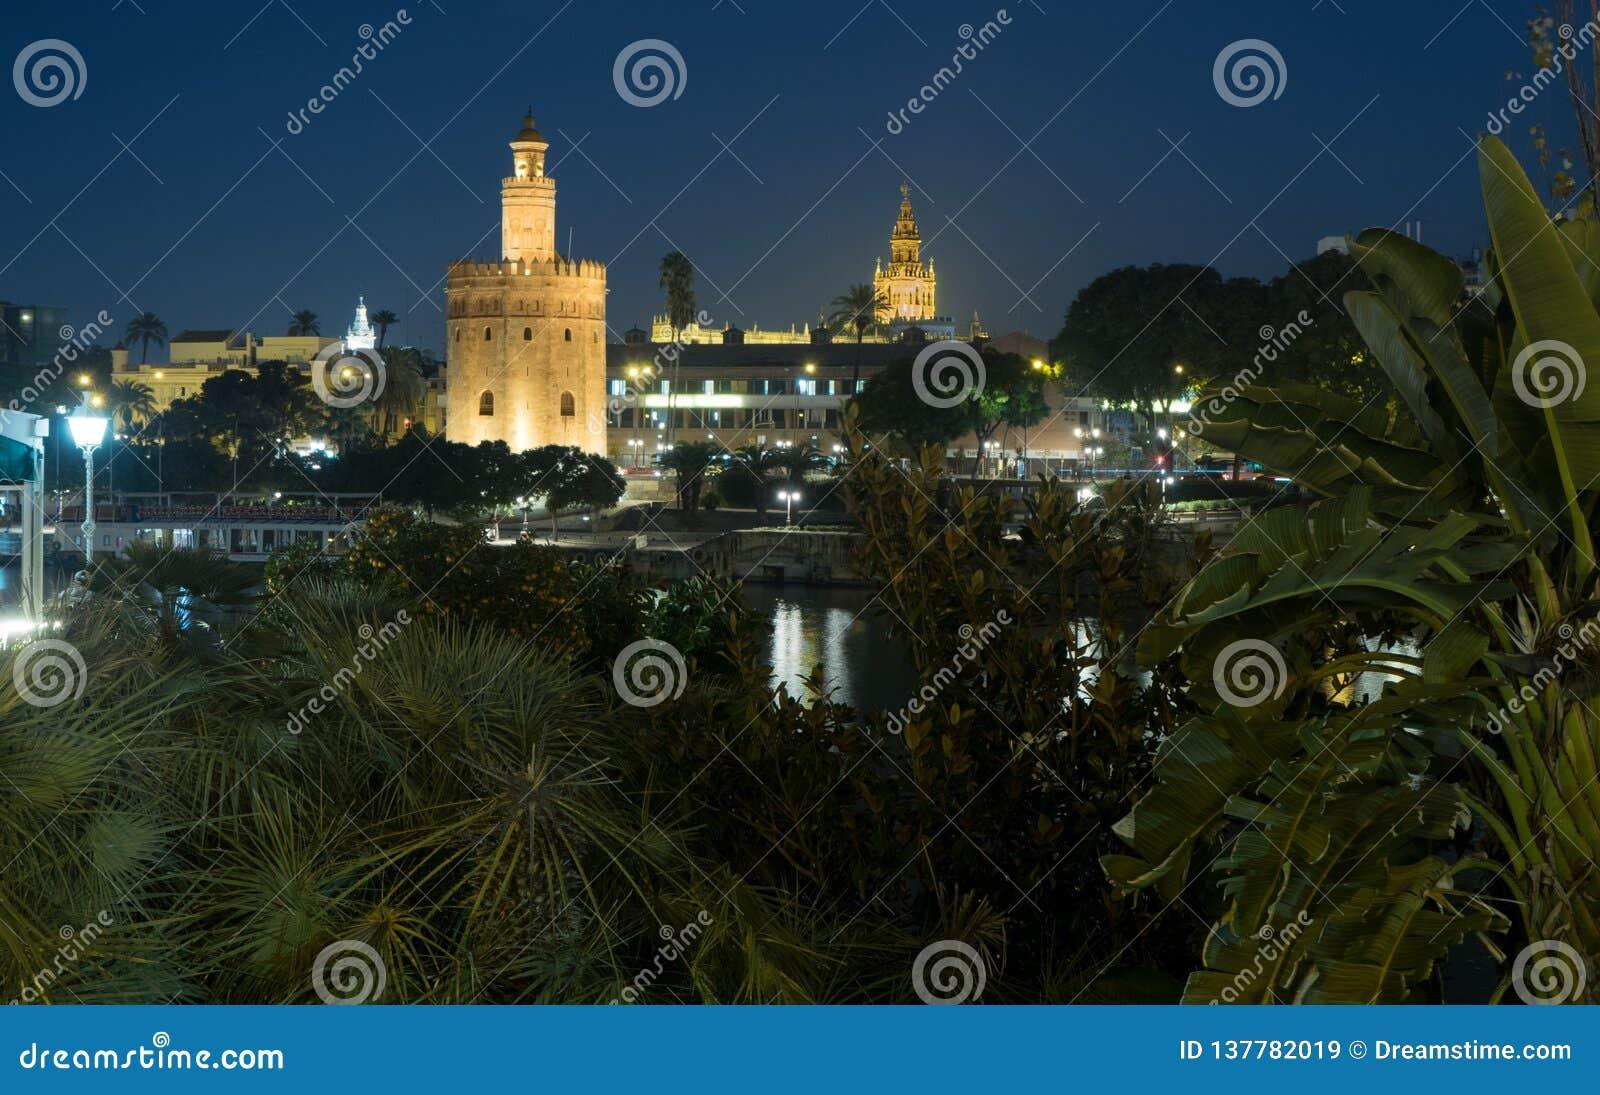 Torre del Oro och domkyrka av Seville - Torre del Oro y Catedral de Sevilla